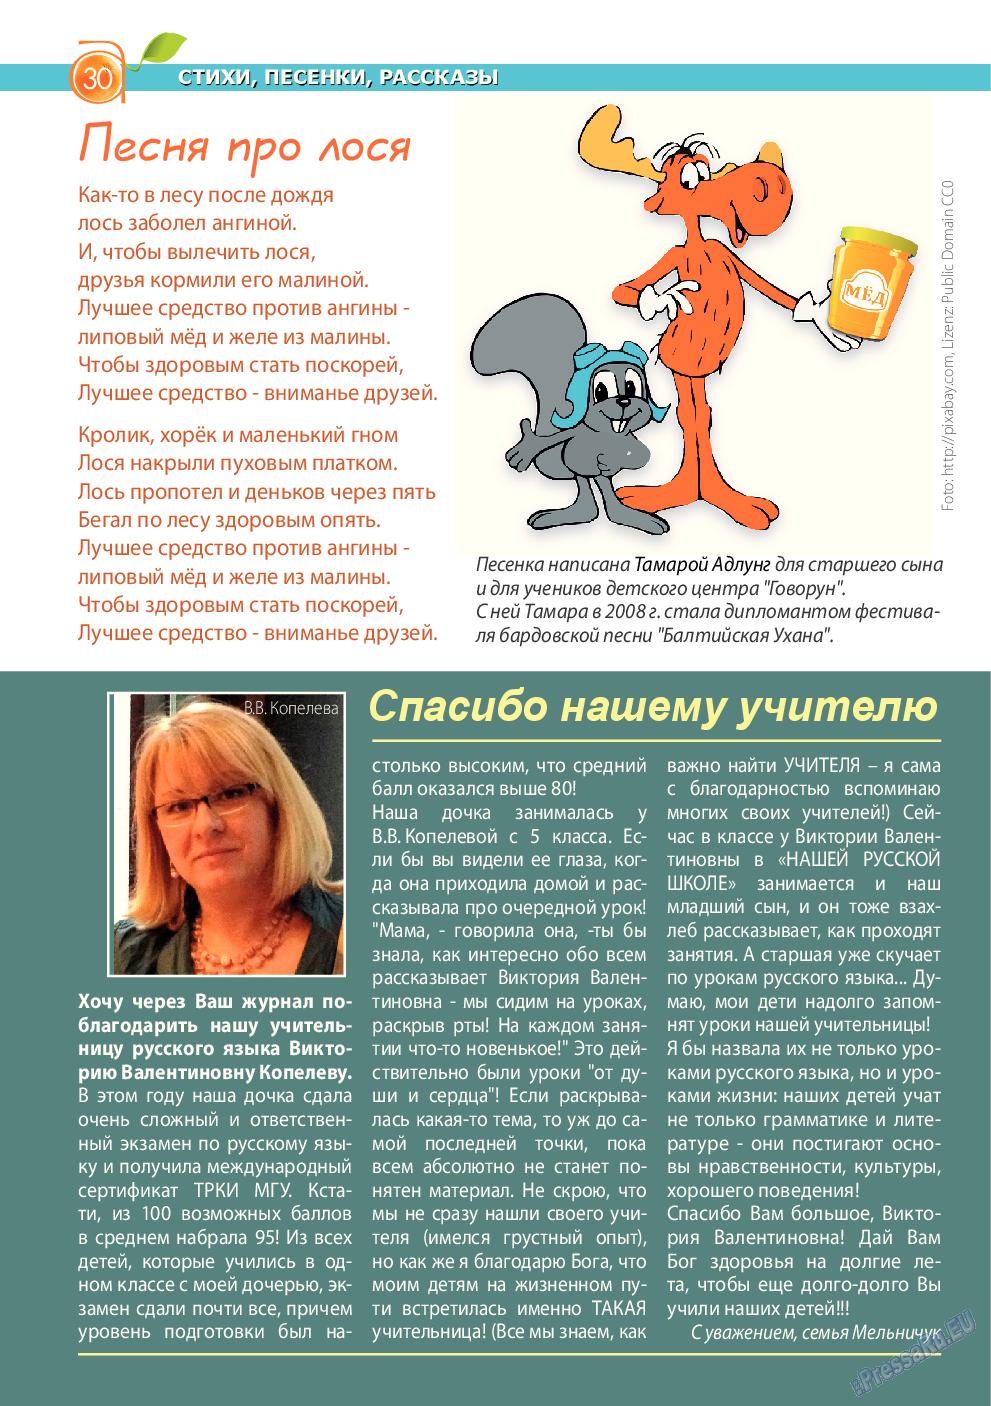 Апельсин (журнал). 2014 год, номер 59, стр. 30